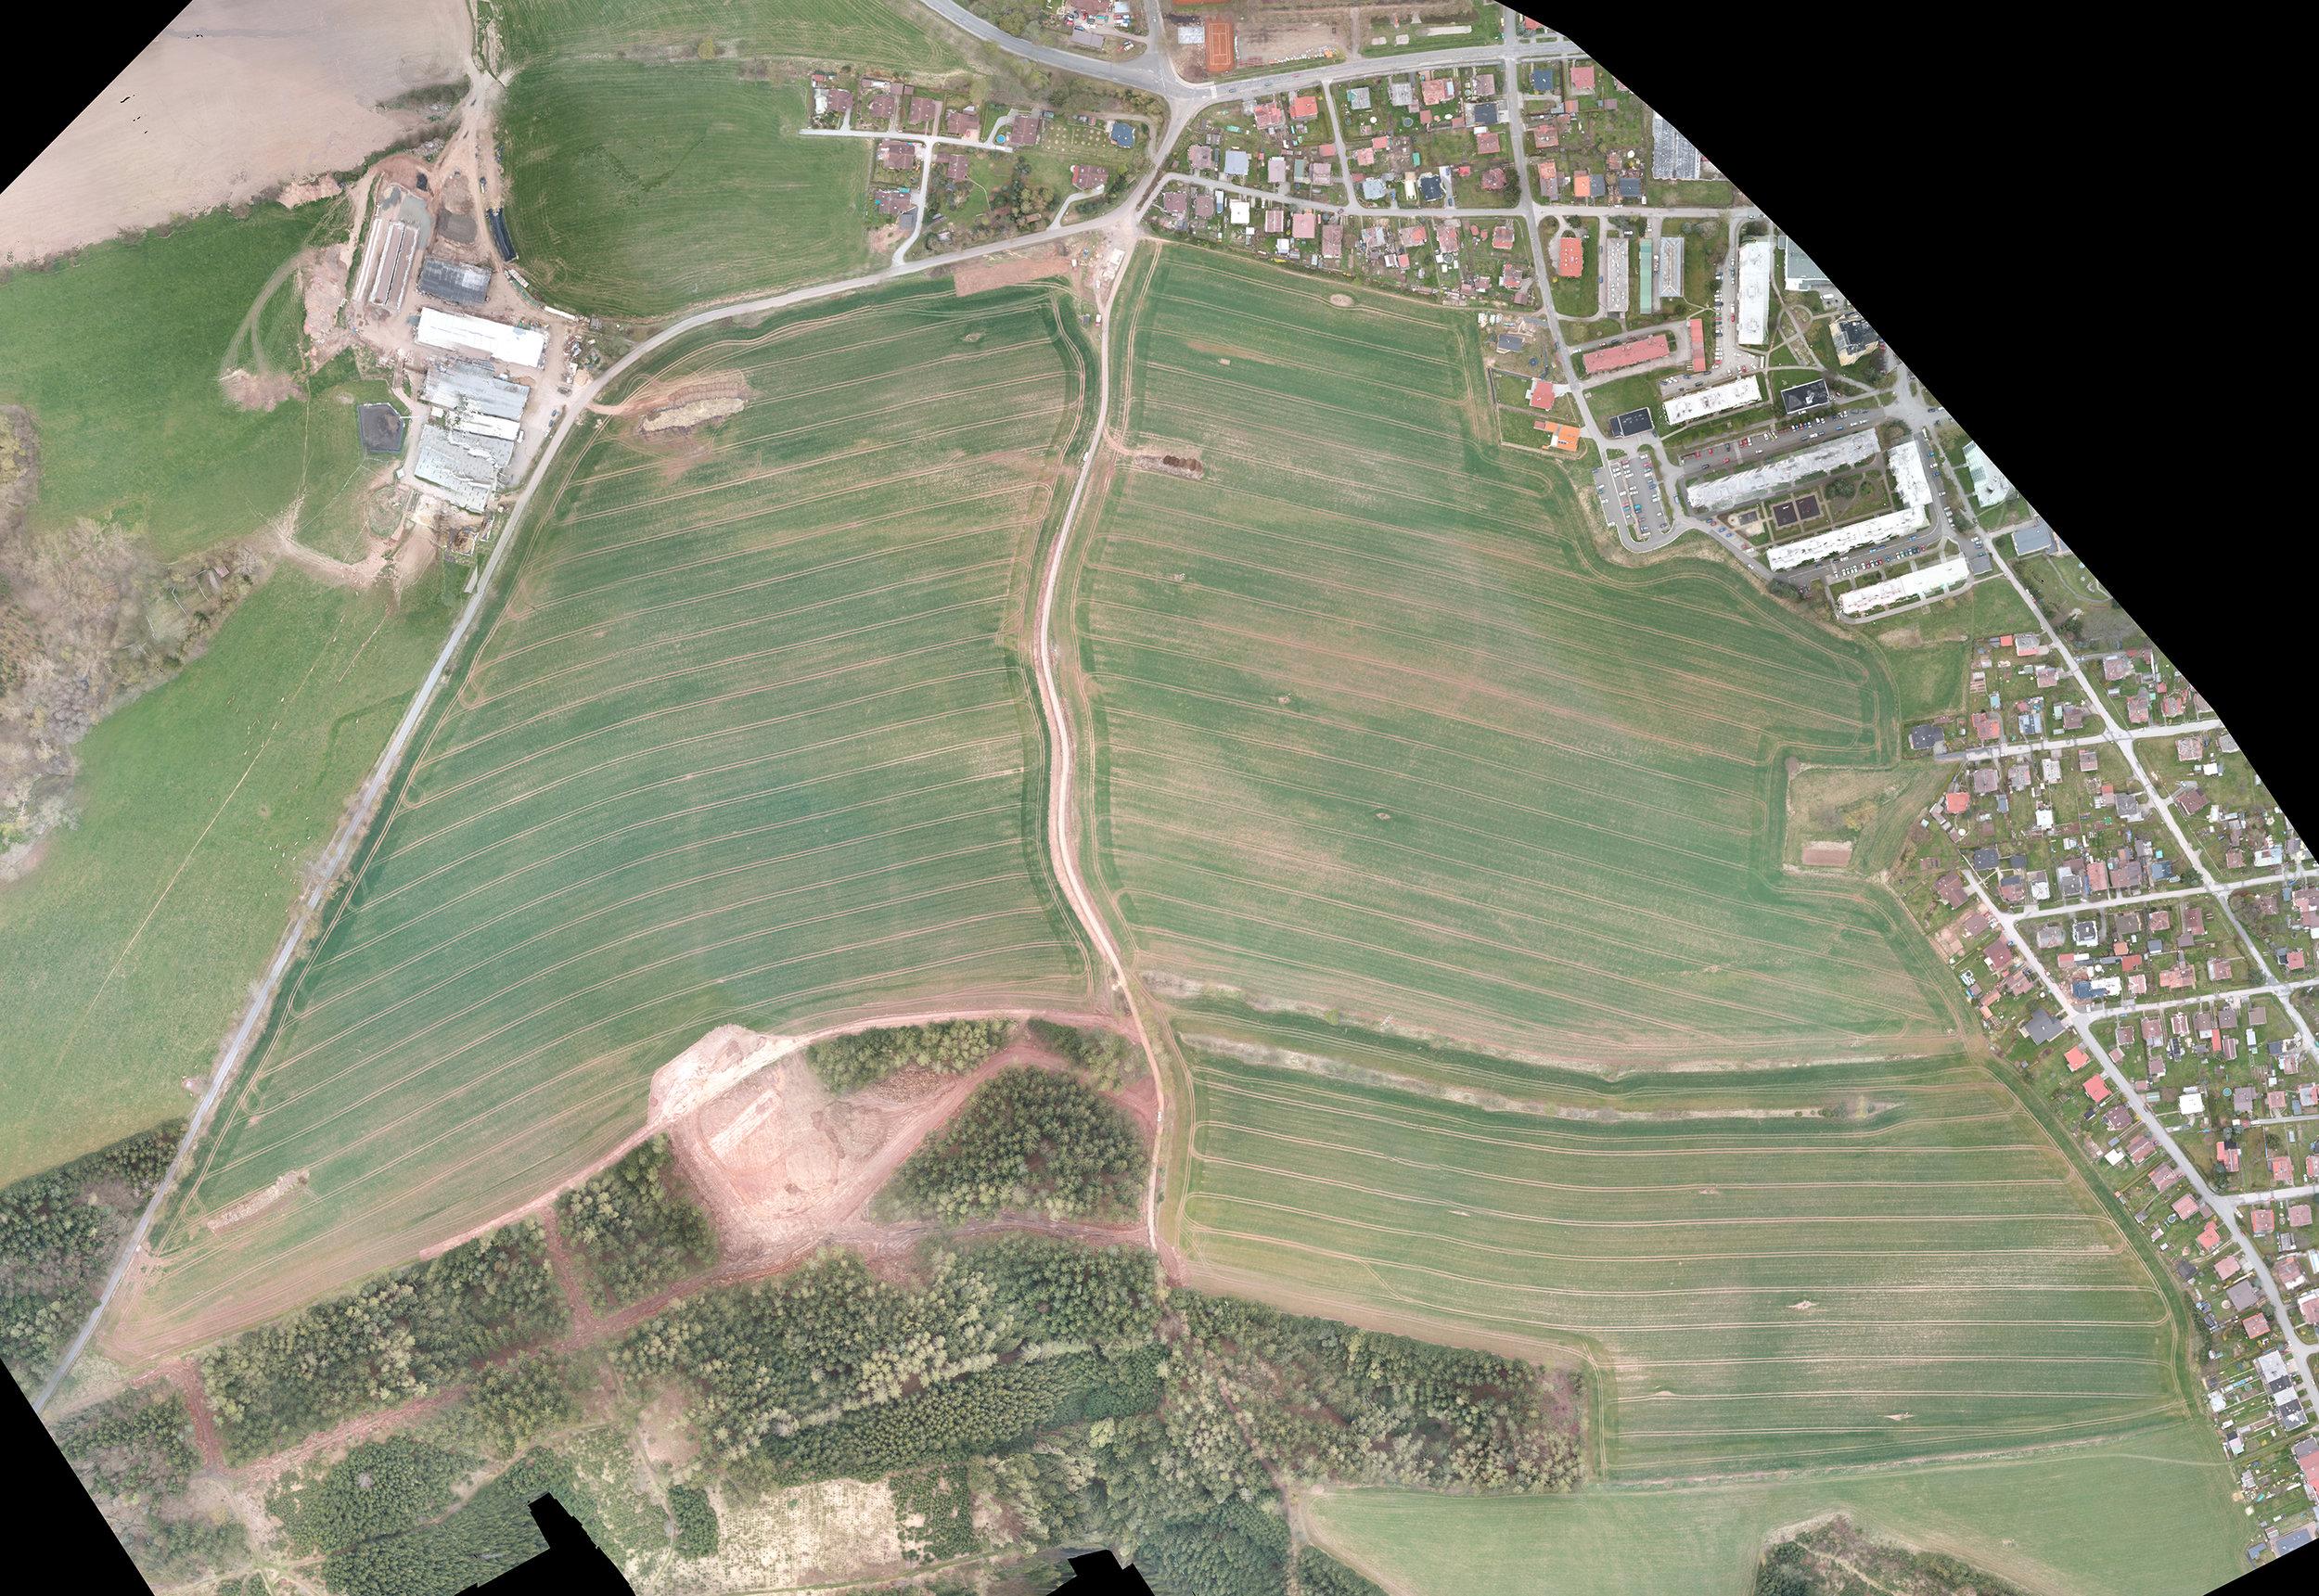 Drone image of farm fields